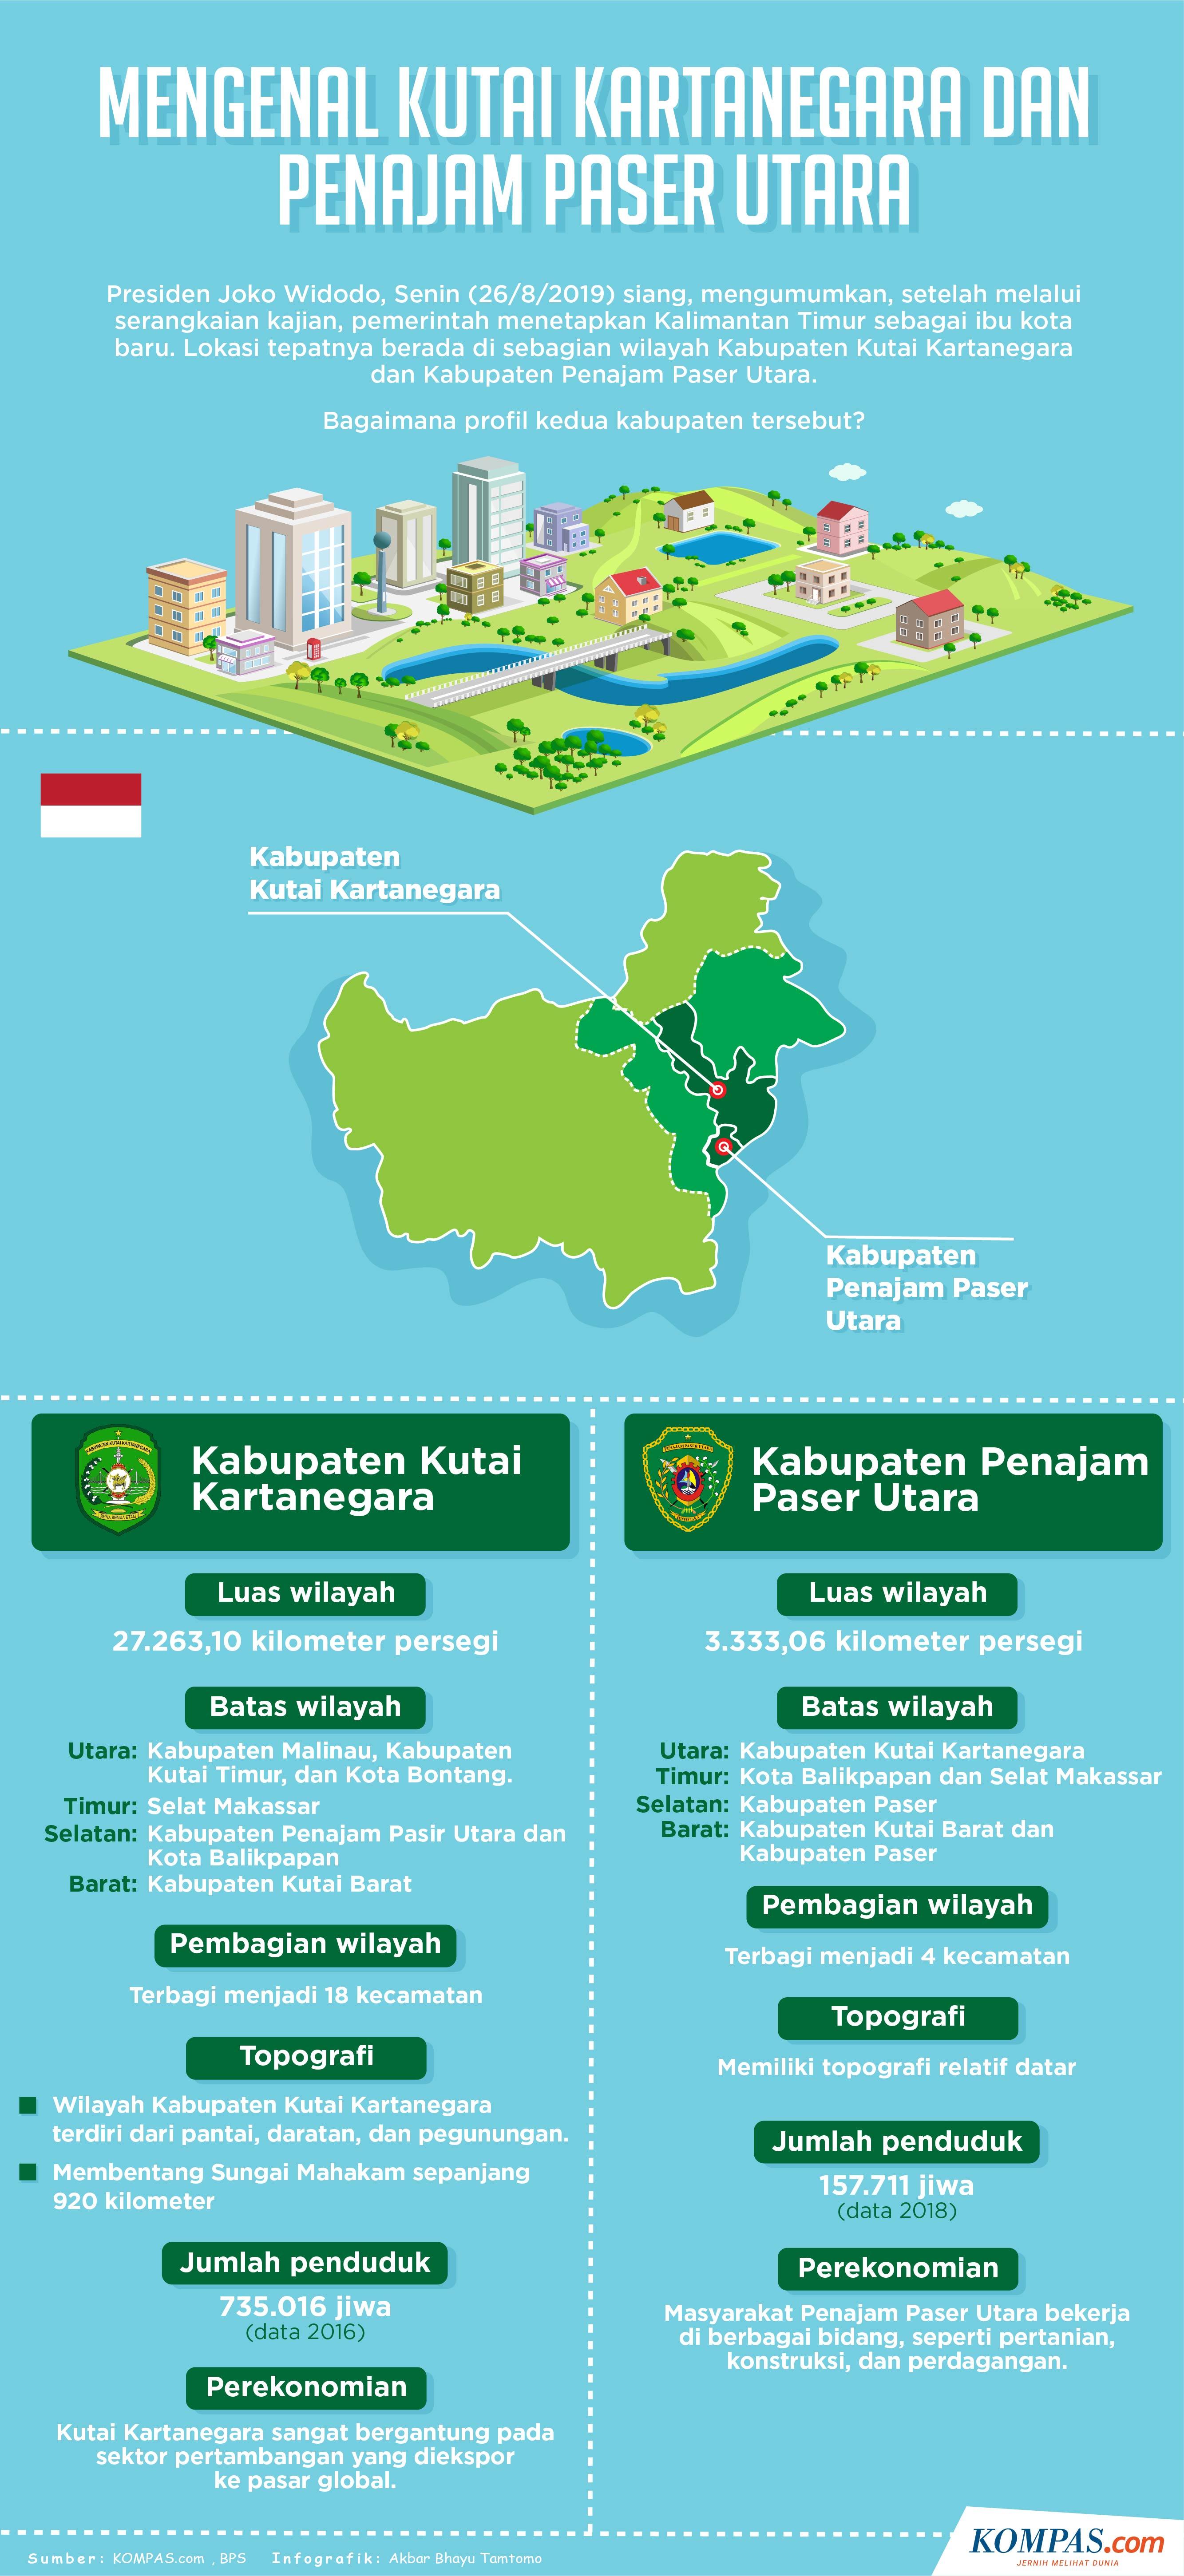 Mengenal 6 Pulau Terbesar Di Dunia Sebagian Di Indonesia Halaman All Kompas Com